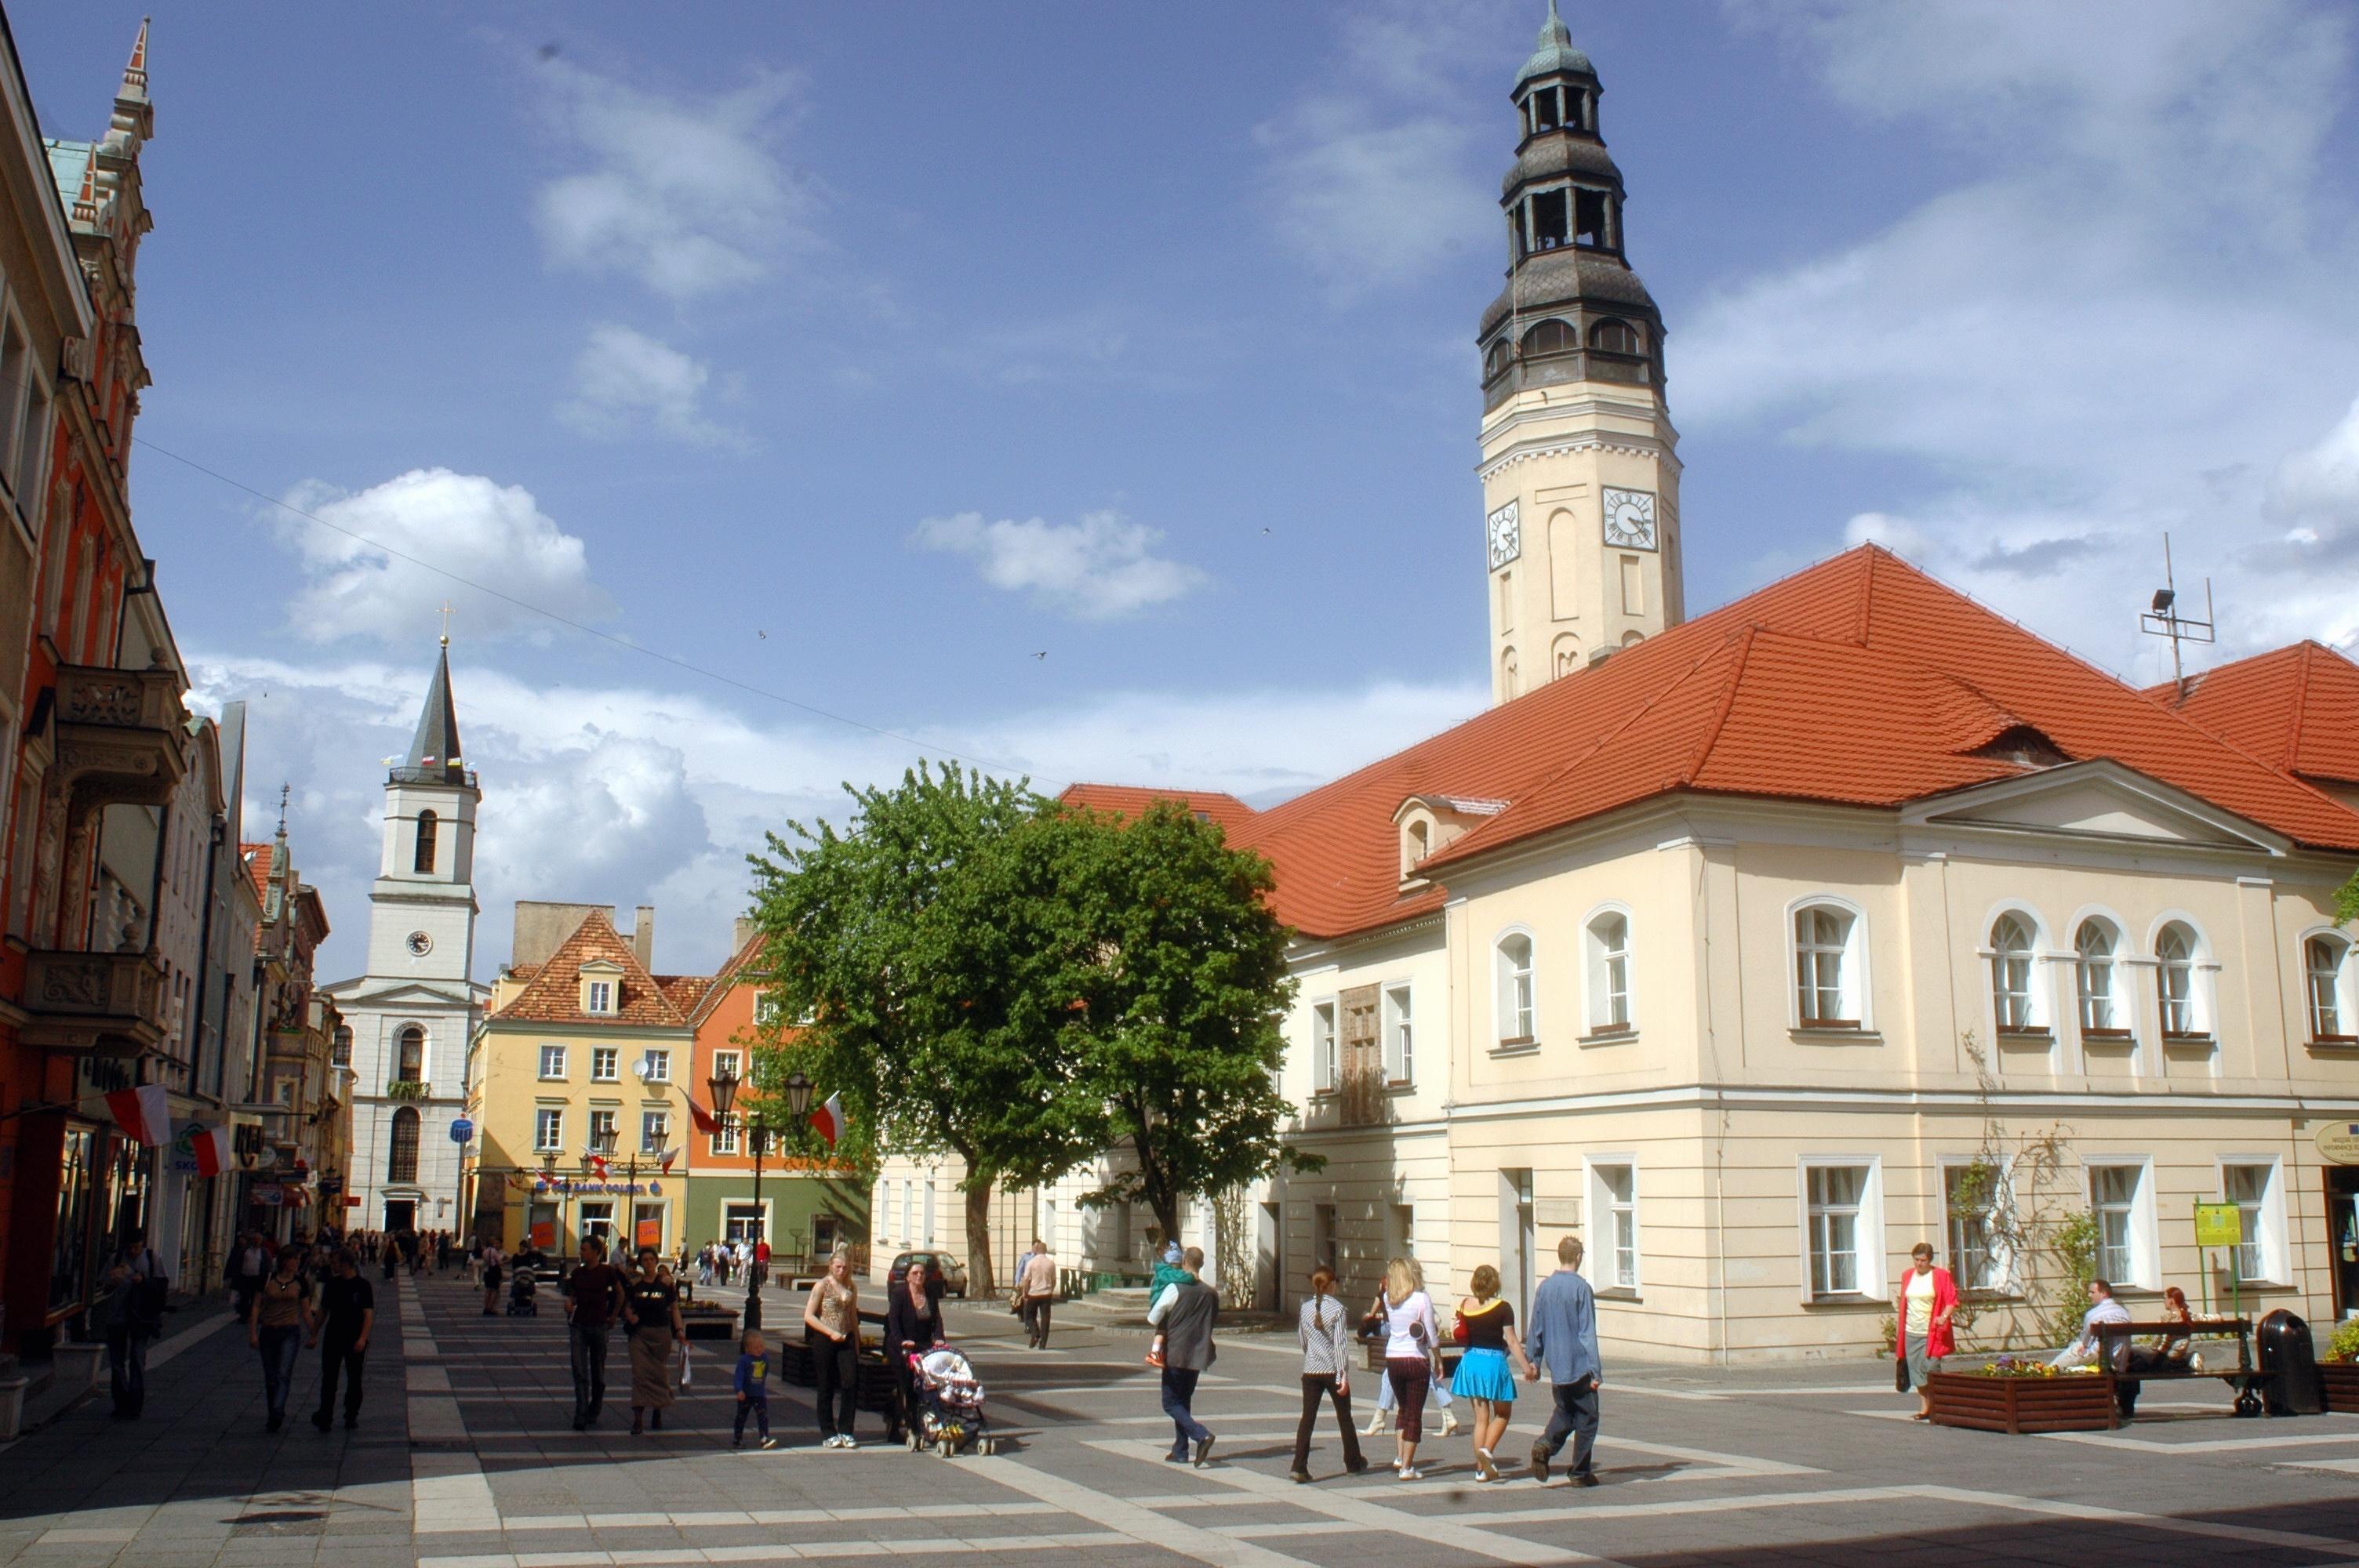 Altmarkt und Rathaus